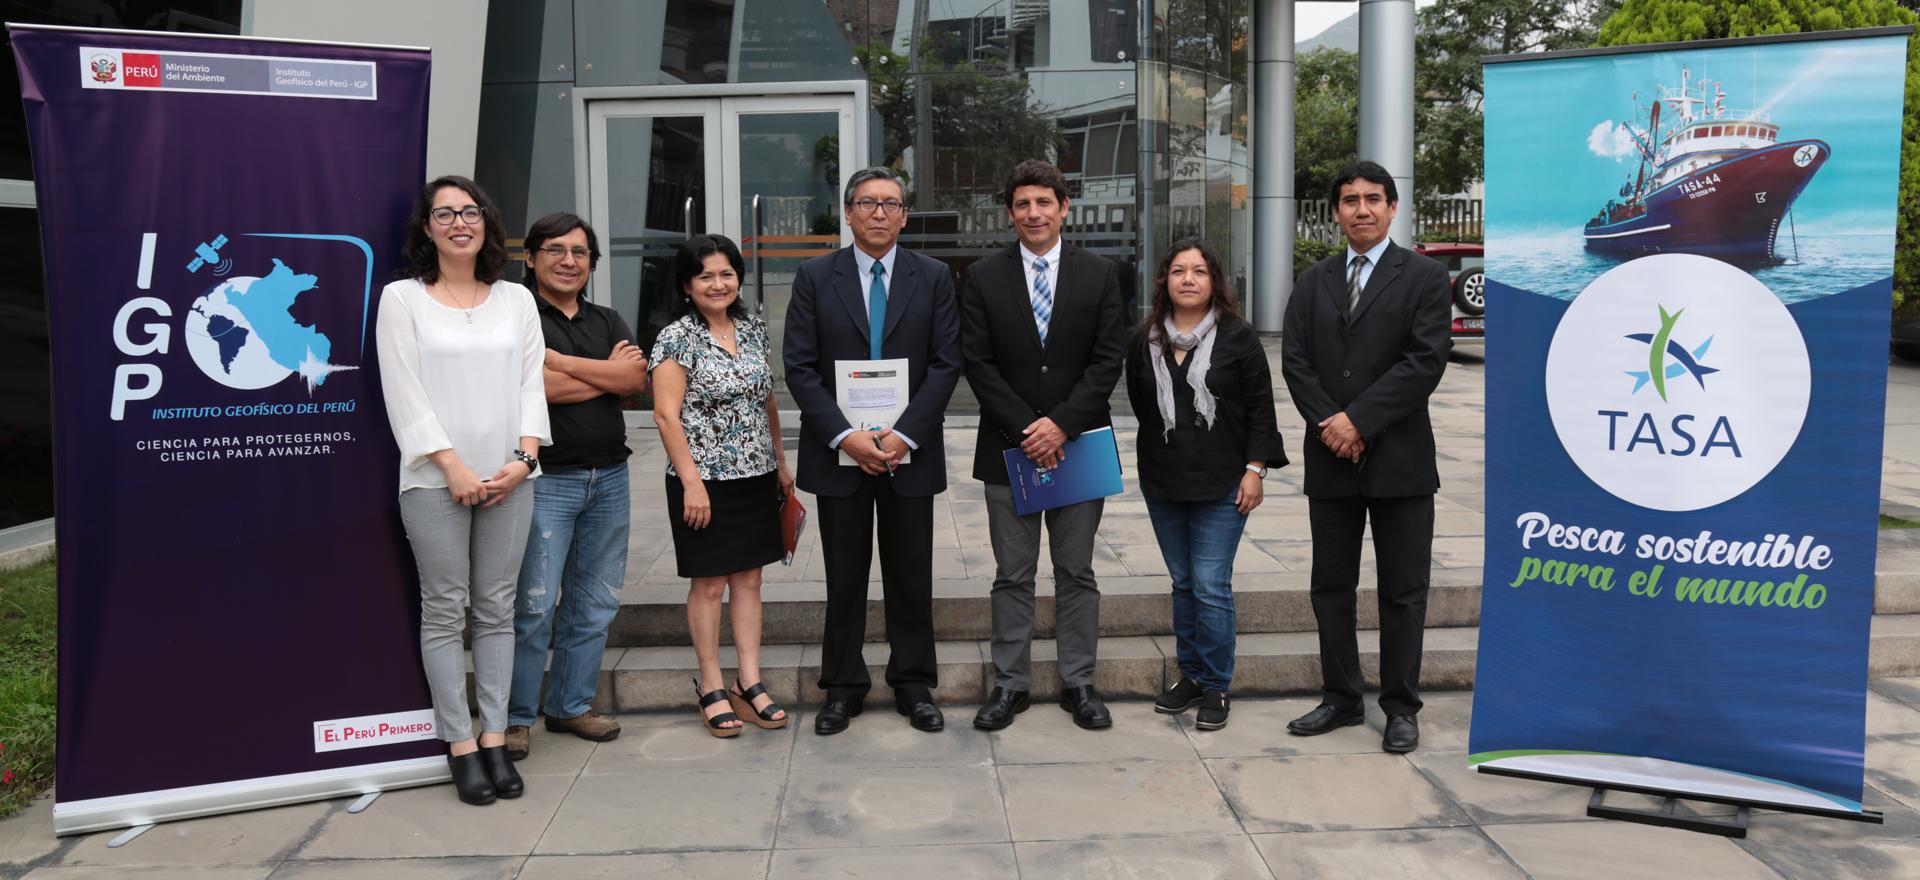 TASA y el IGP firman convenio para monitorear el mar peruano y realizar investigaciones conjuntas